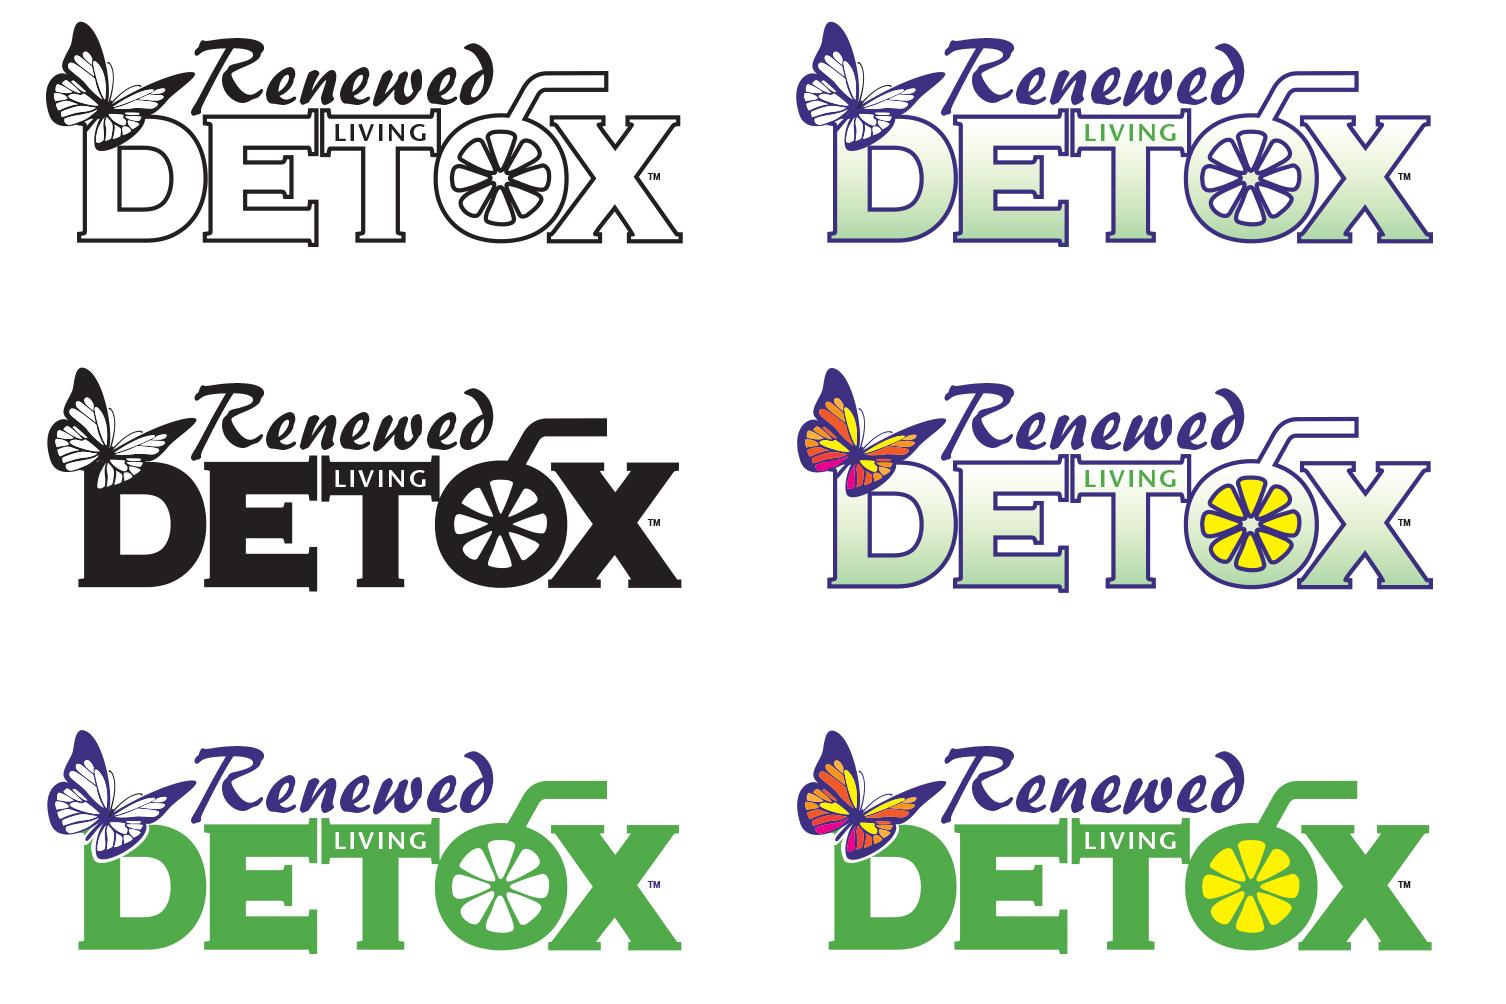 Renewed Living Detox Logo